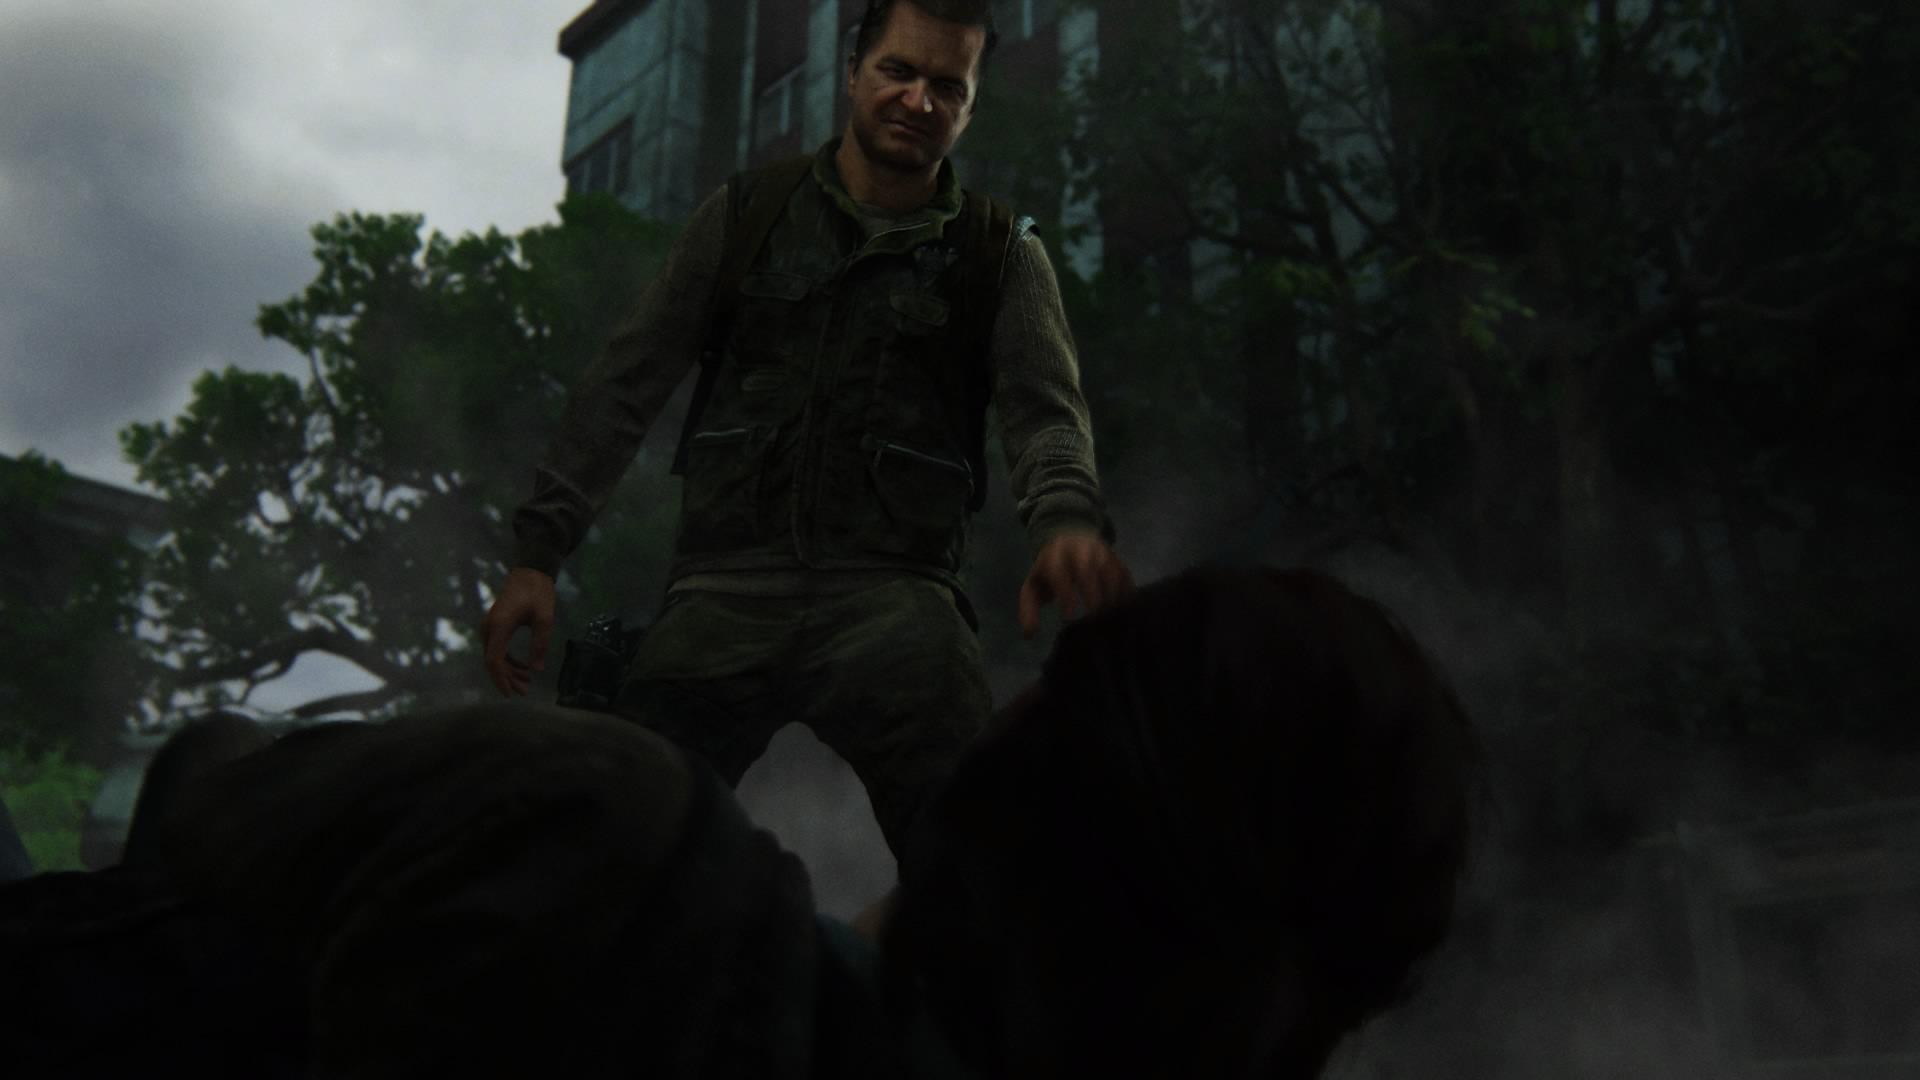 Und Bereits Zum Zweiten Mal Wird Ellie Von Einem WLF-Paramilitär Bewusstlos Geschlagen.